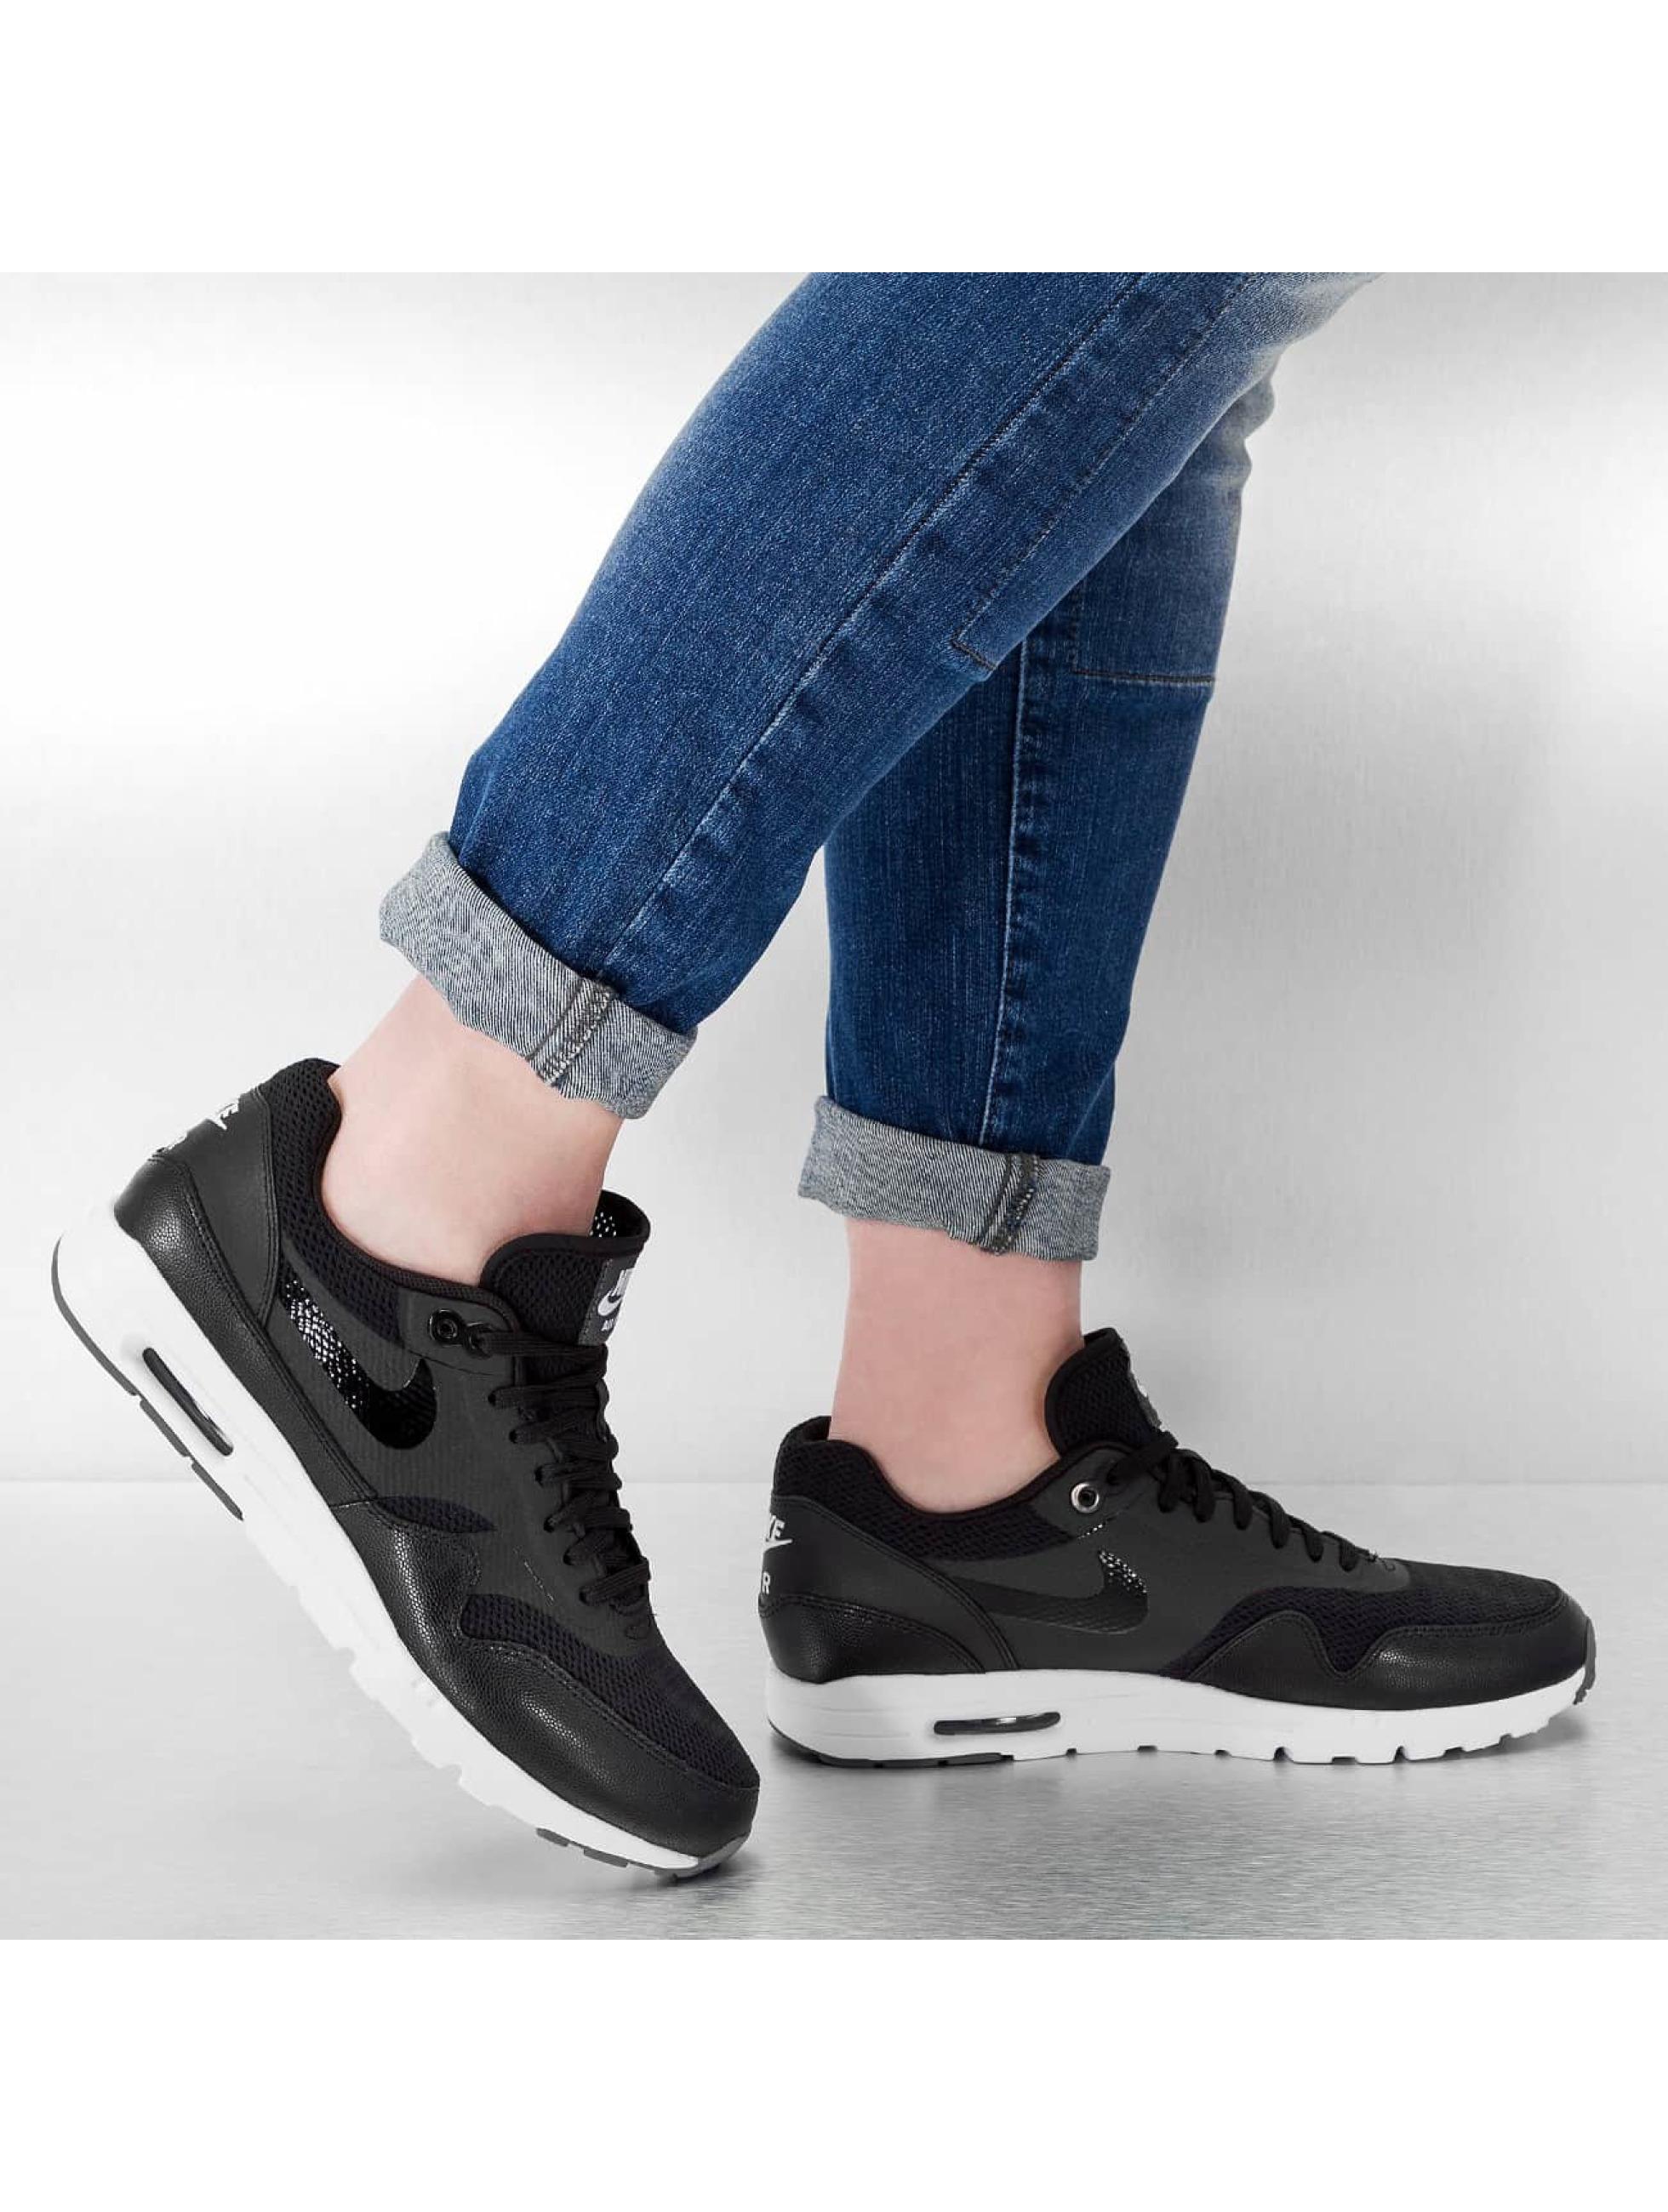 Nike Air Max 1 Essential Zwart Paars